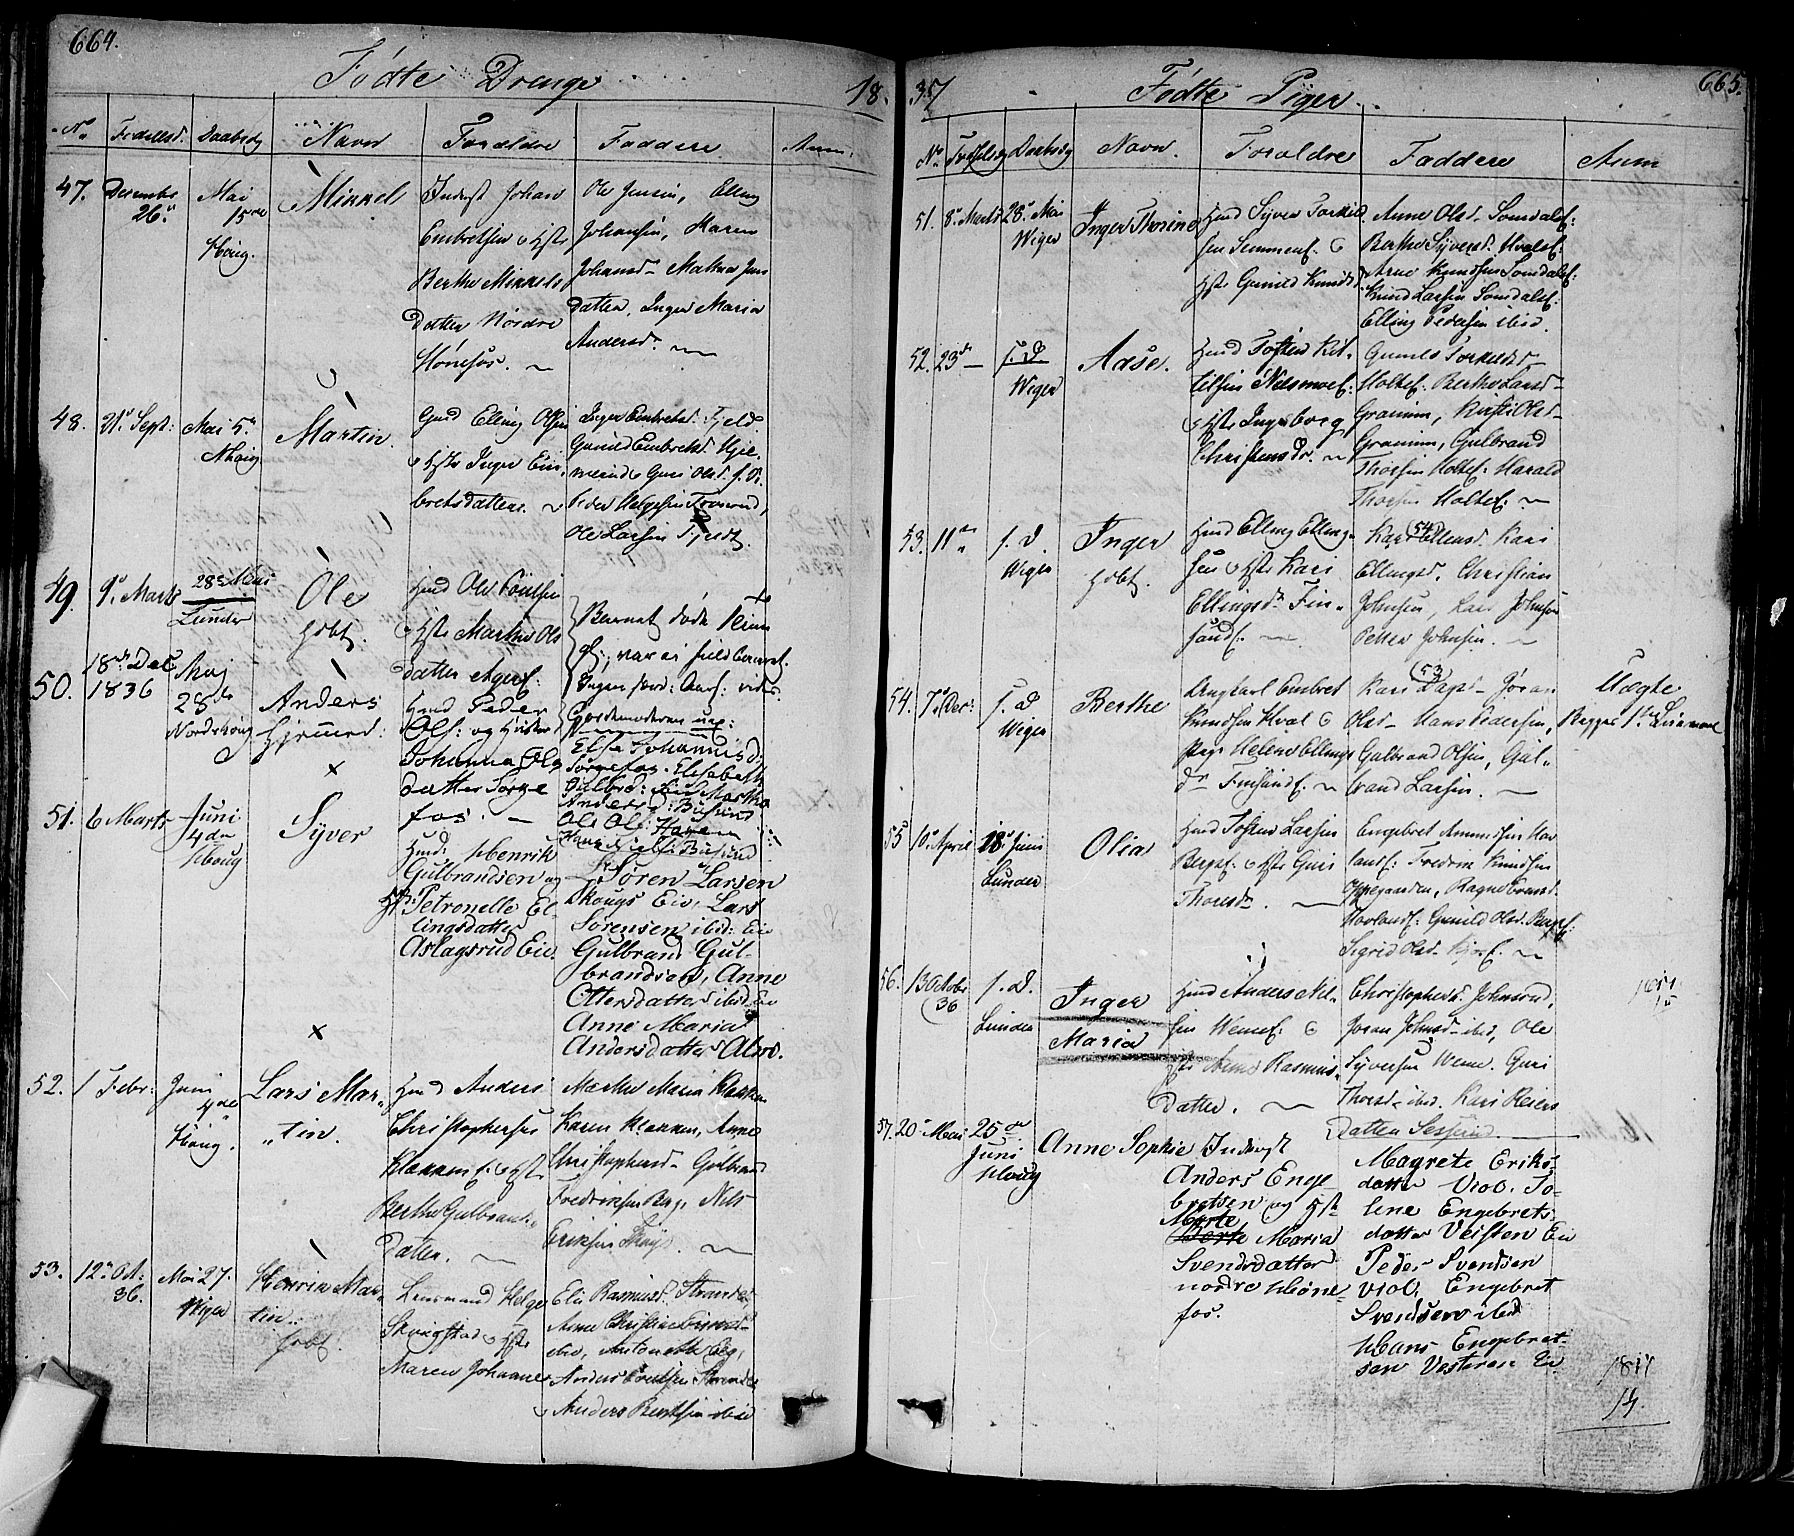 SAKO, Norderhov kirkebøker, F/Fa/L0009: Ministerialbok nr. 9, 1819-1837, s. 664-665